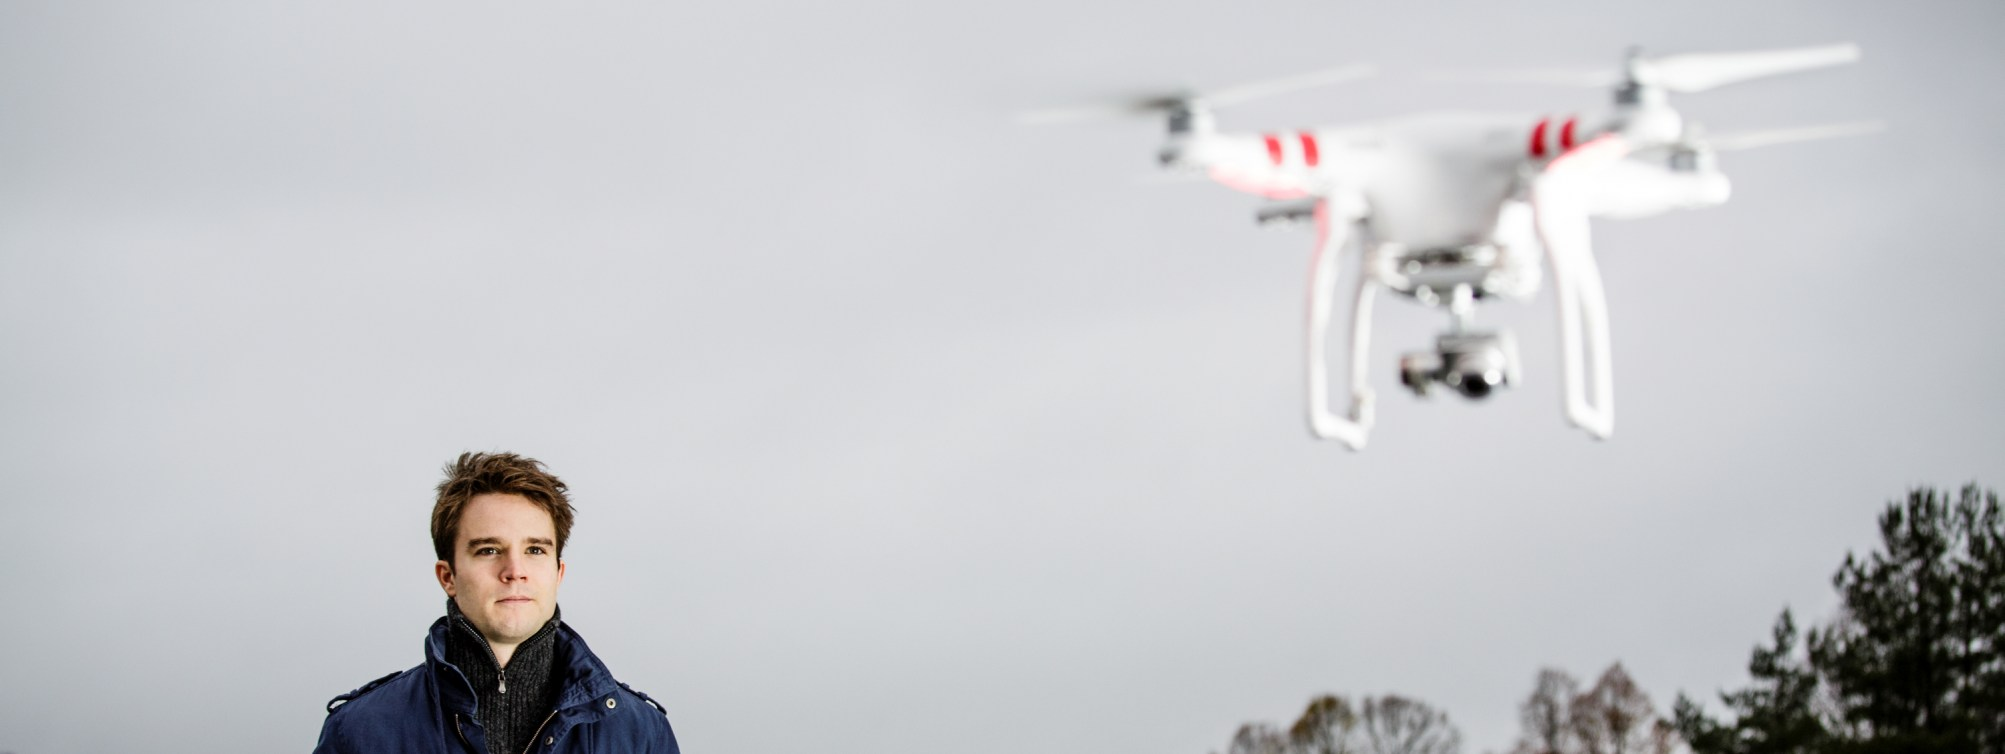 Masterstudent David Gottfridsson kjører drone (DJI Phantom). Han skal skrive masteroppgave i geomatikk om fotogrammetri, 3D-modellering, med fotomateriale fra droner.